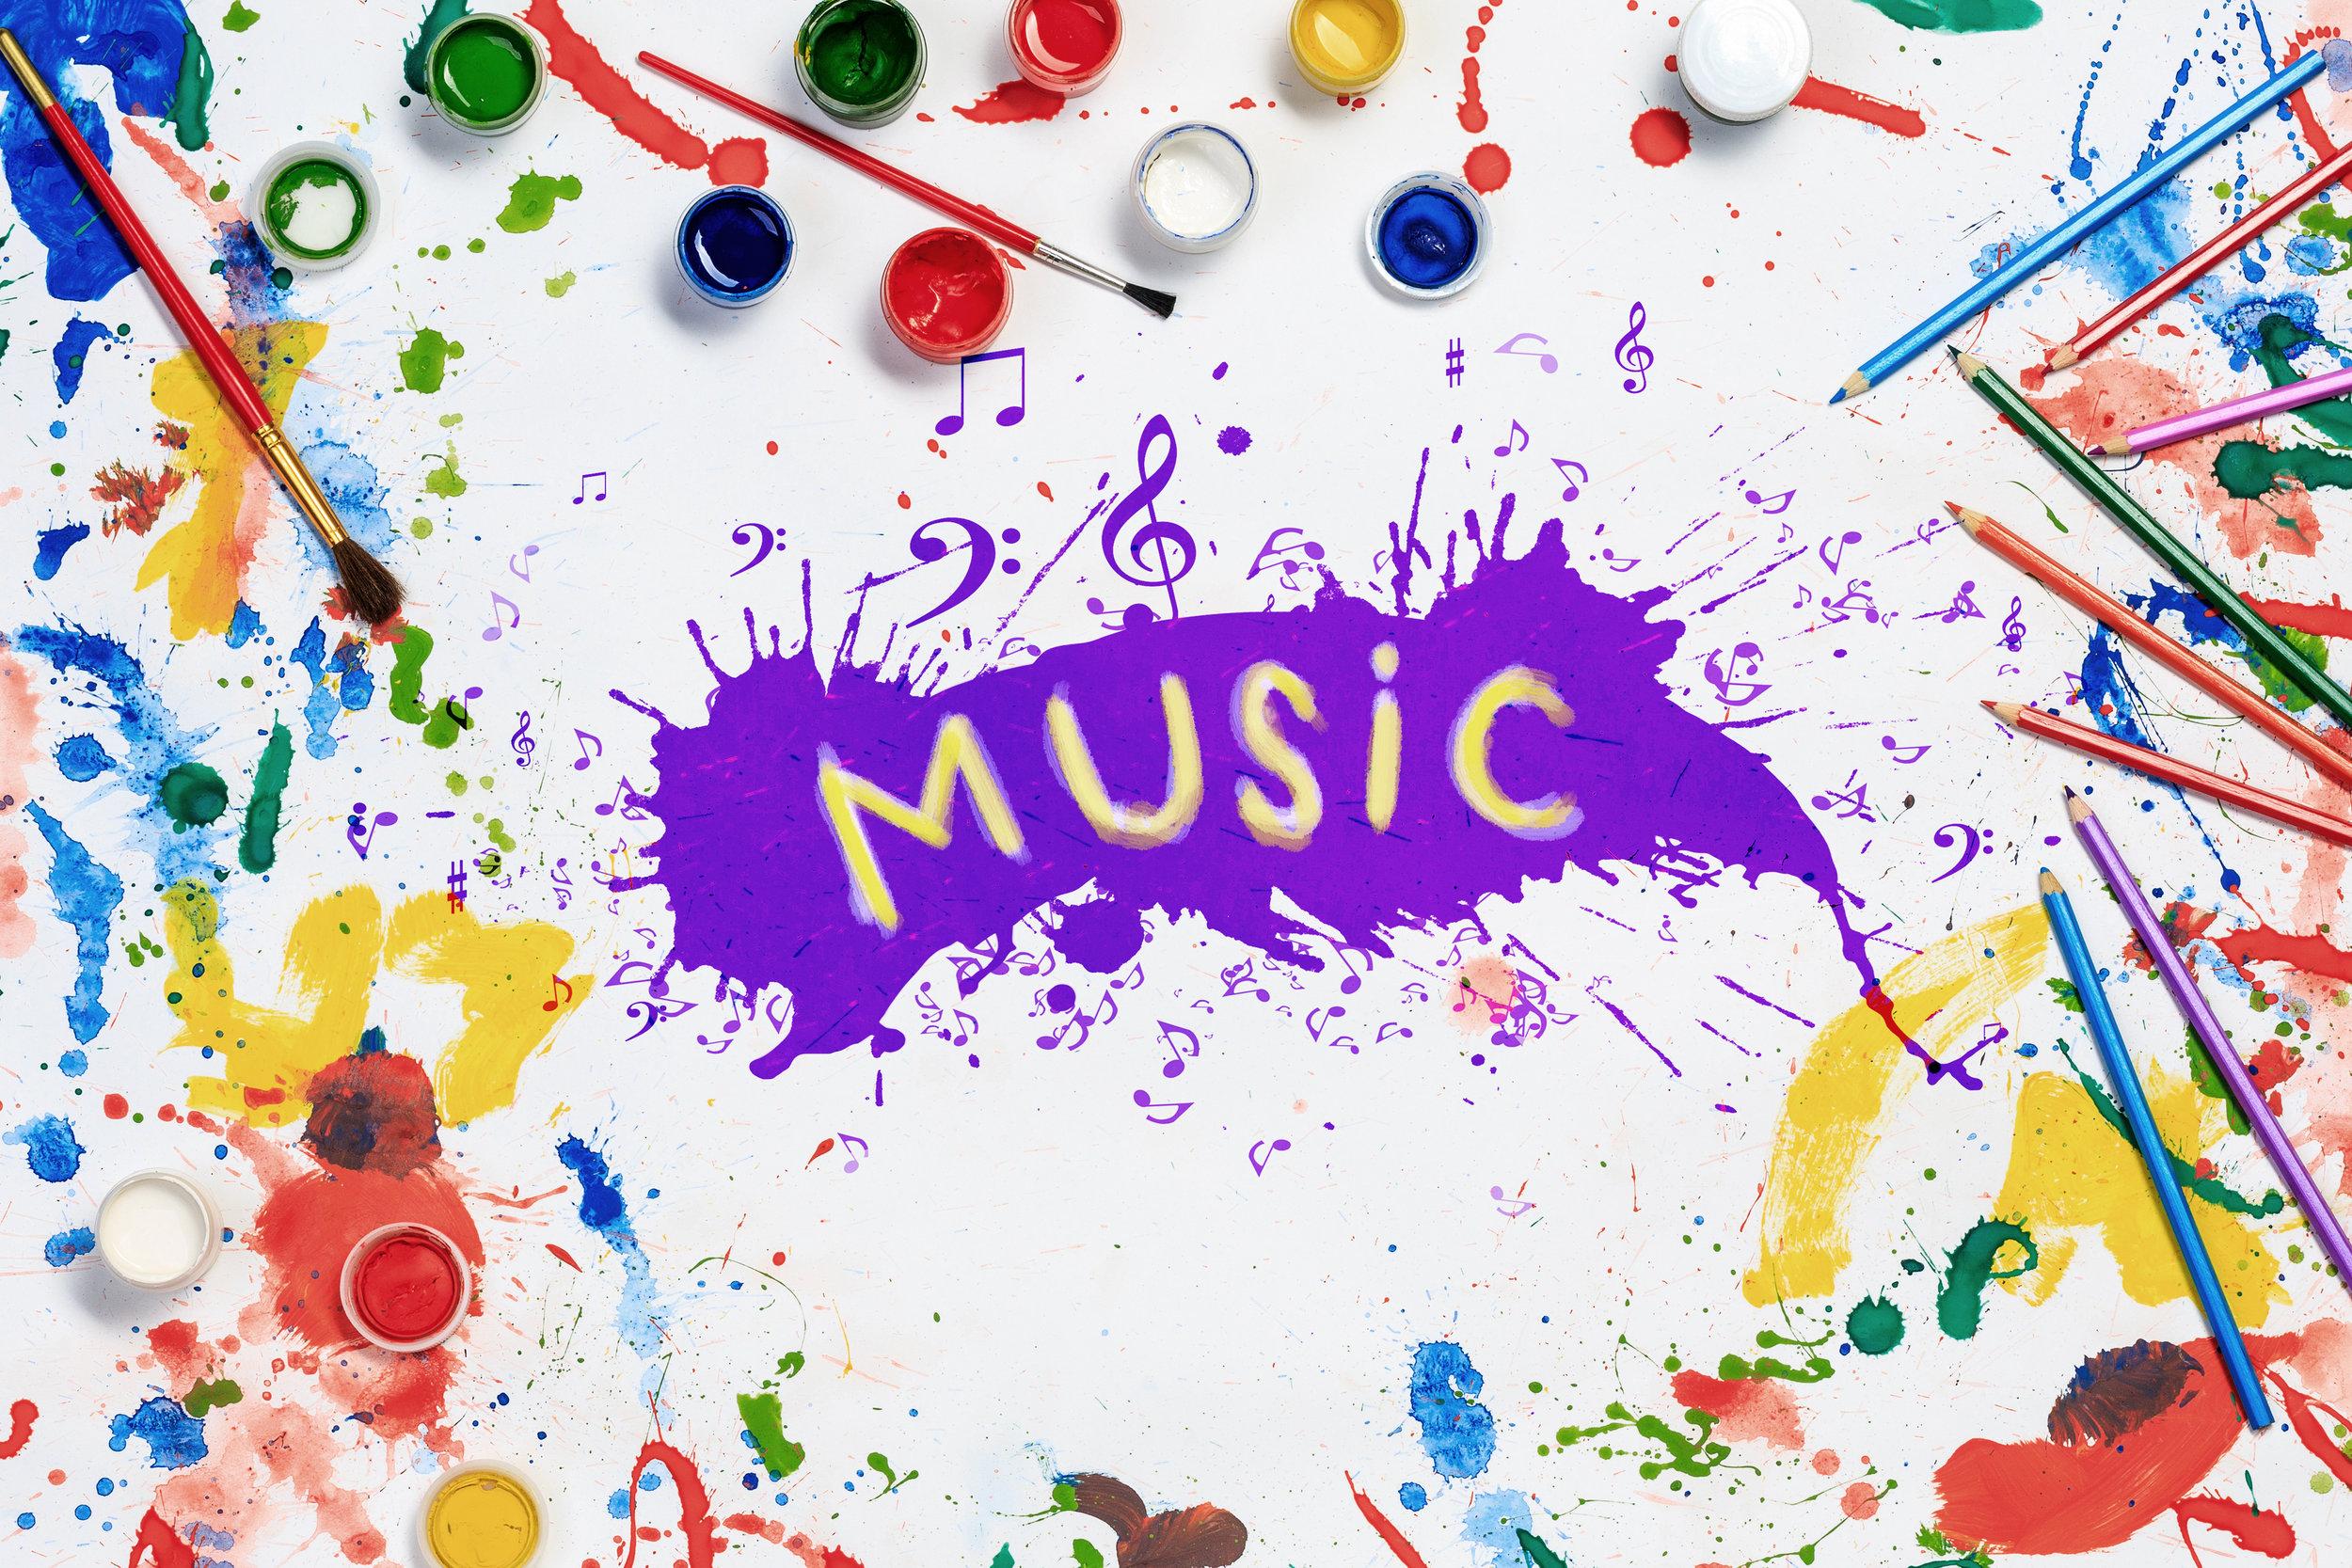 Music creative ideas